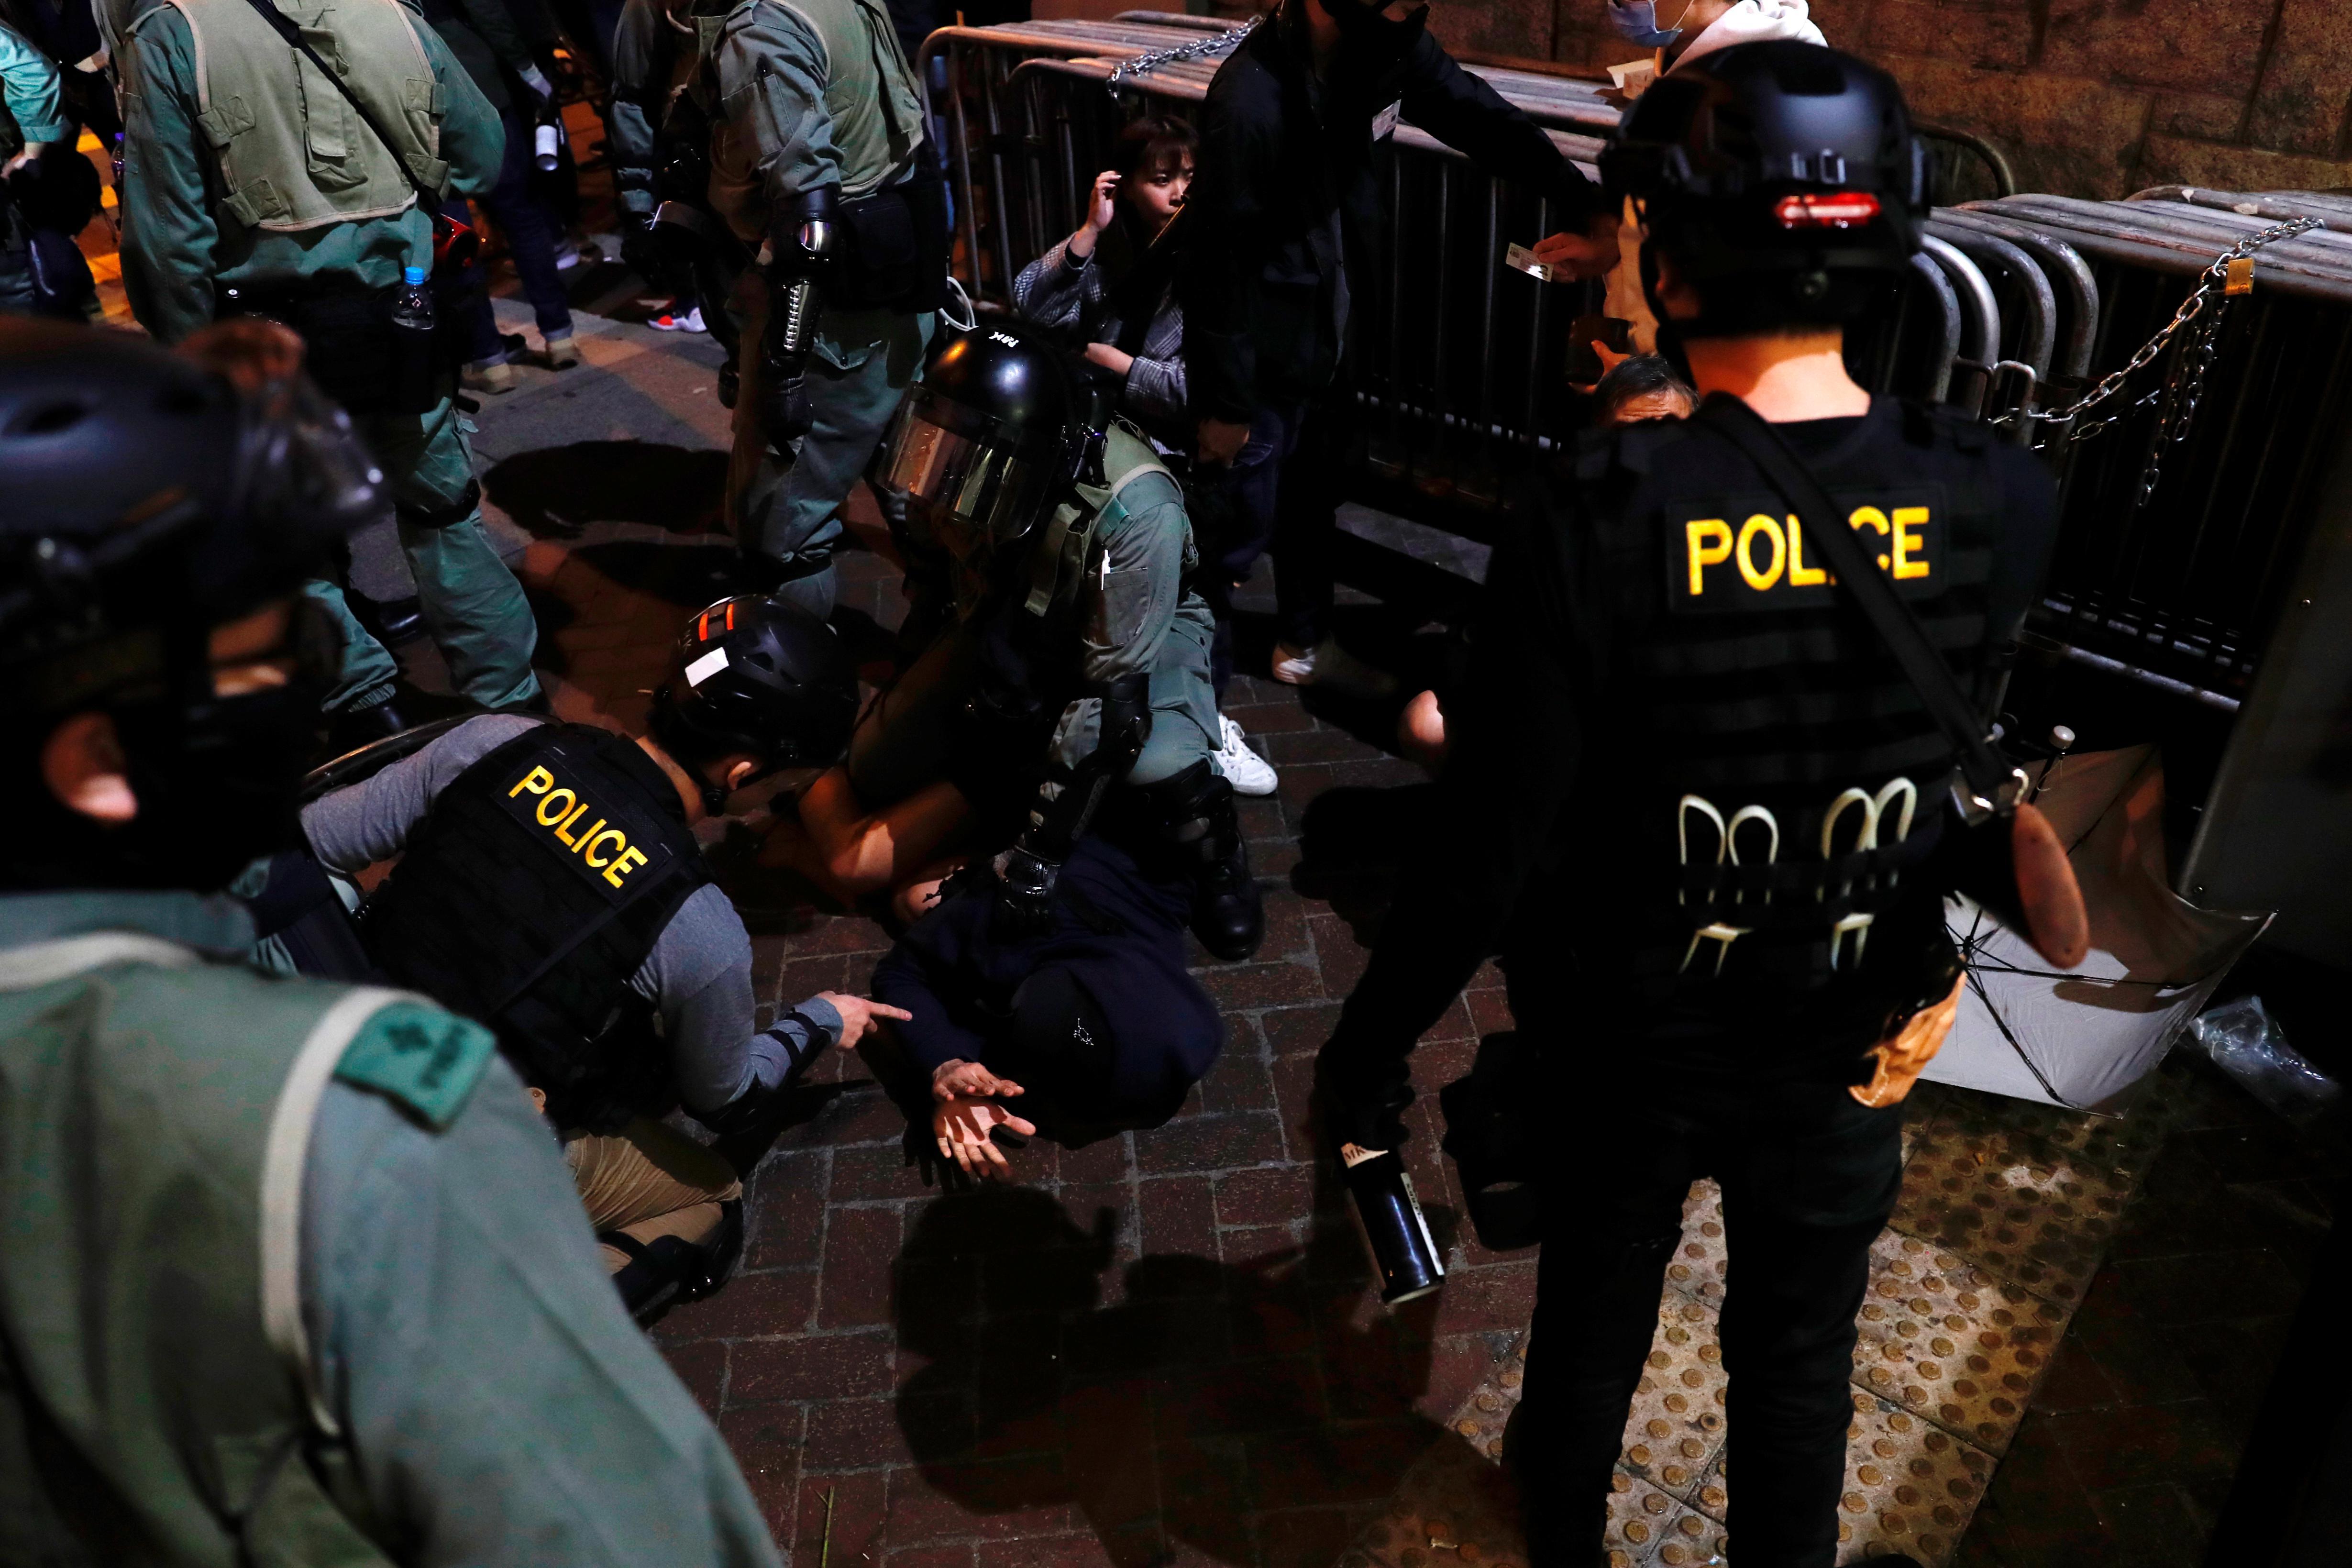 Les acclamations festives sont rares alors que les militants de Hong Kong organisent des manifestations du Nouvel An